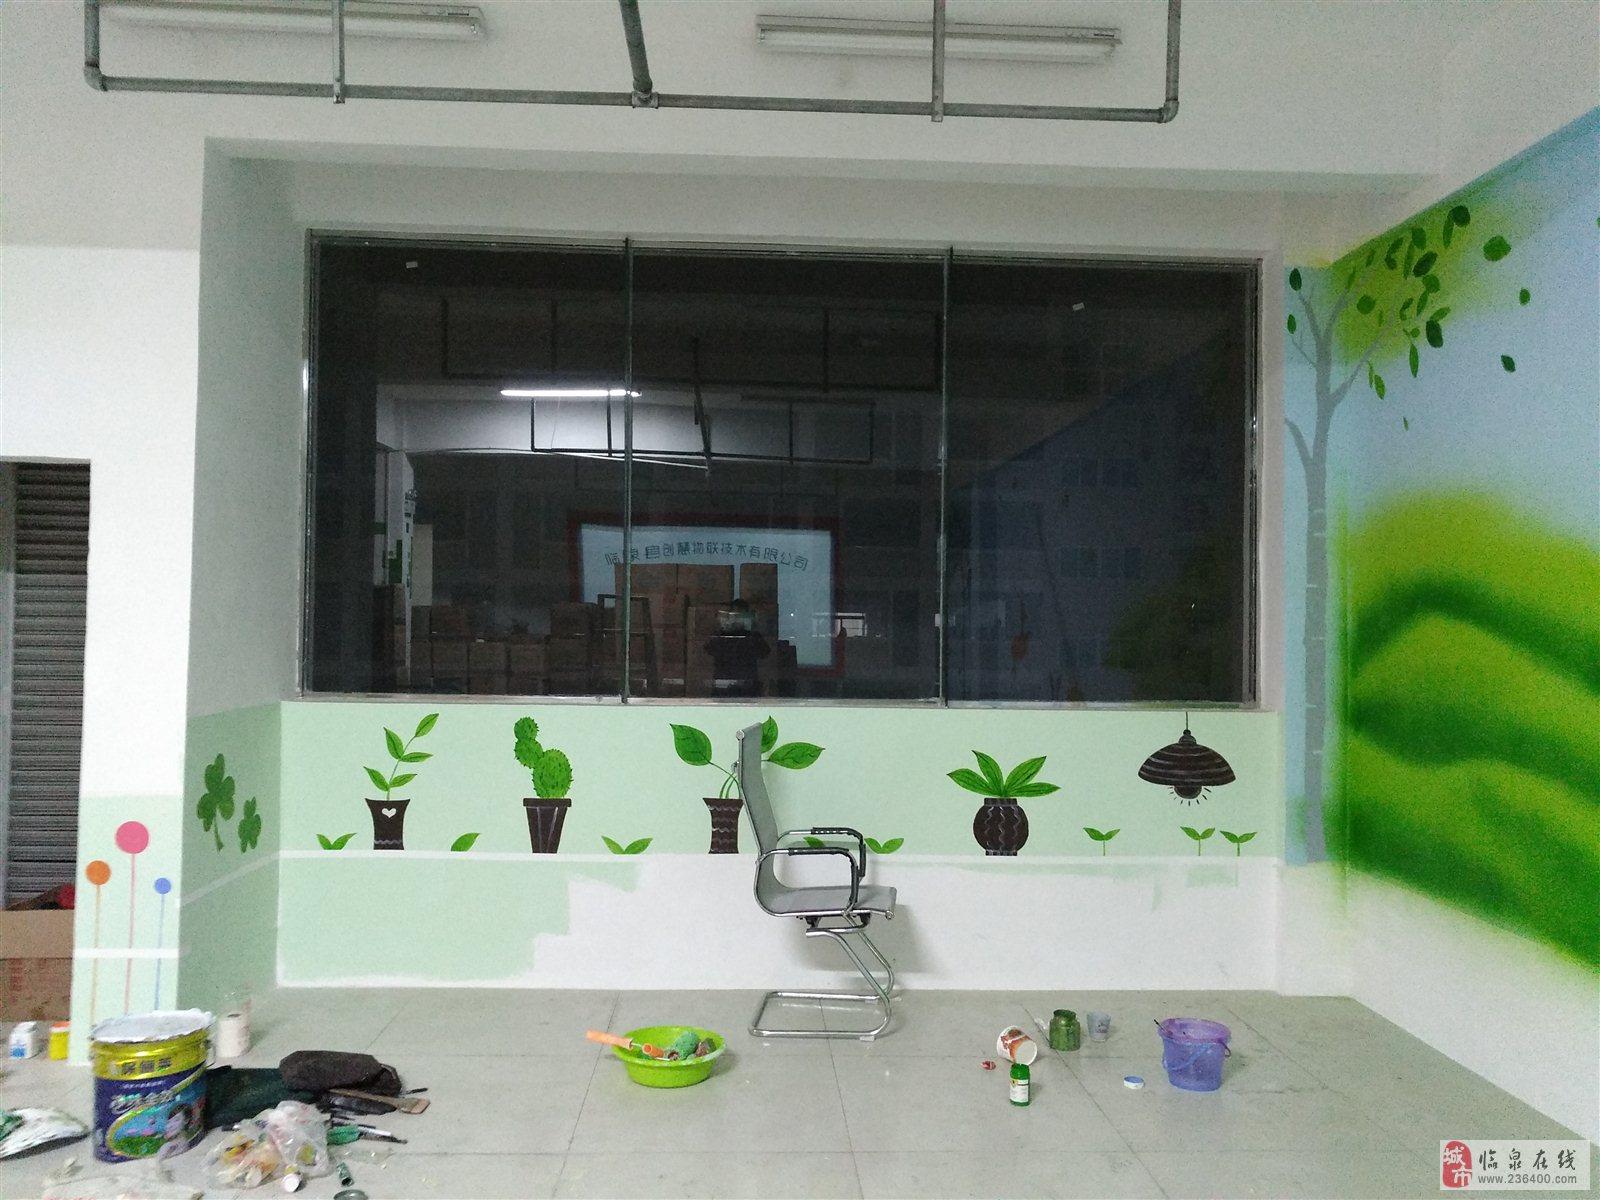 临泉123墙体手绘工作室临泉123墙体手绘工作室